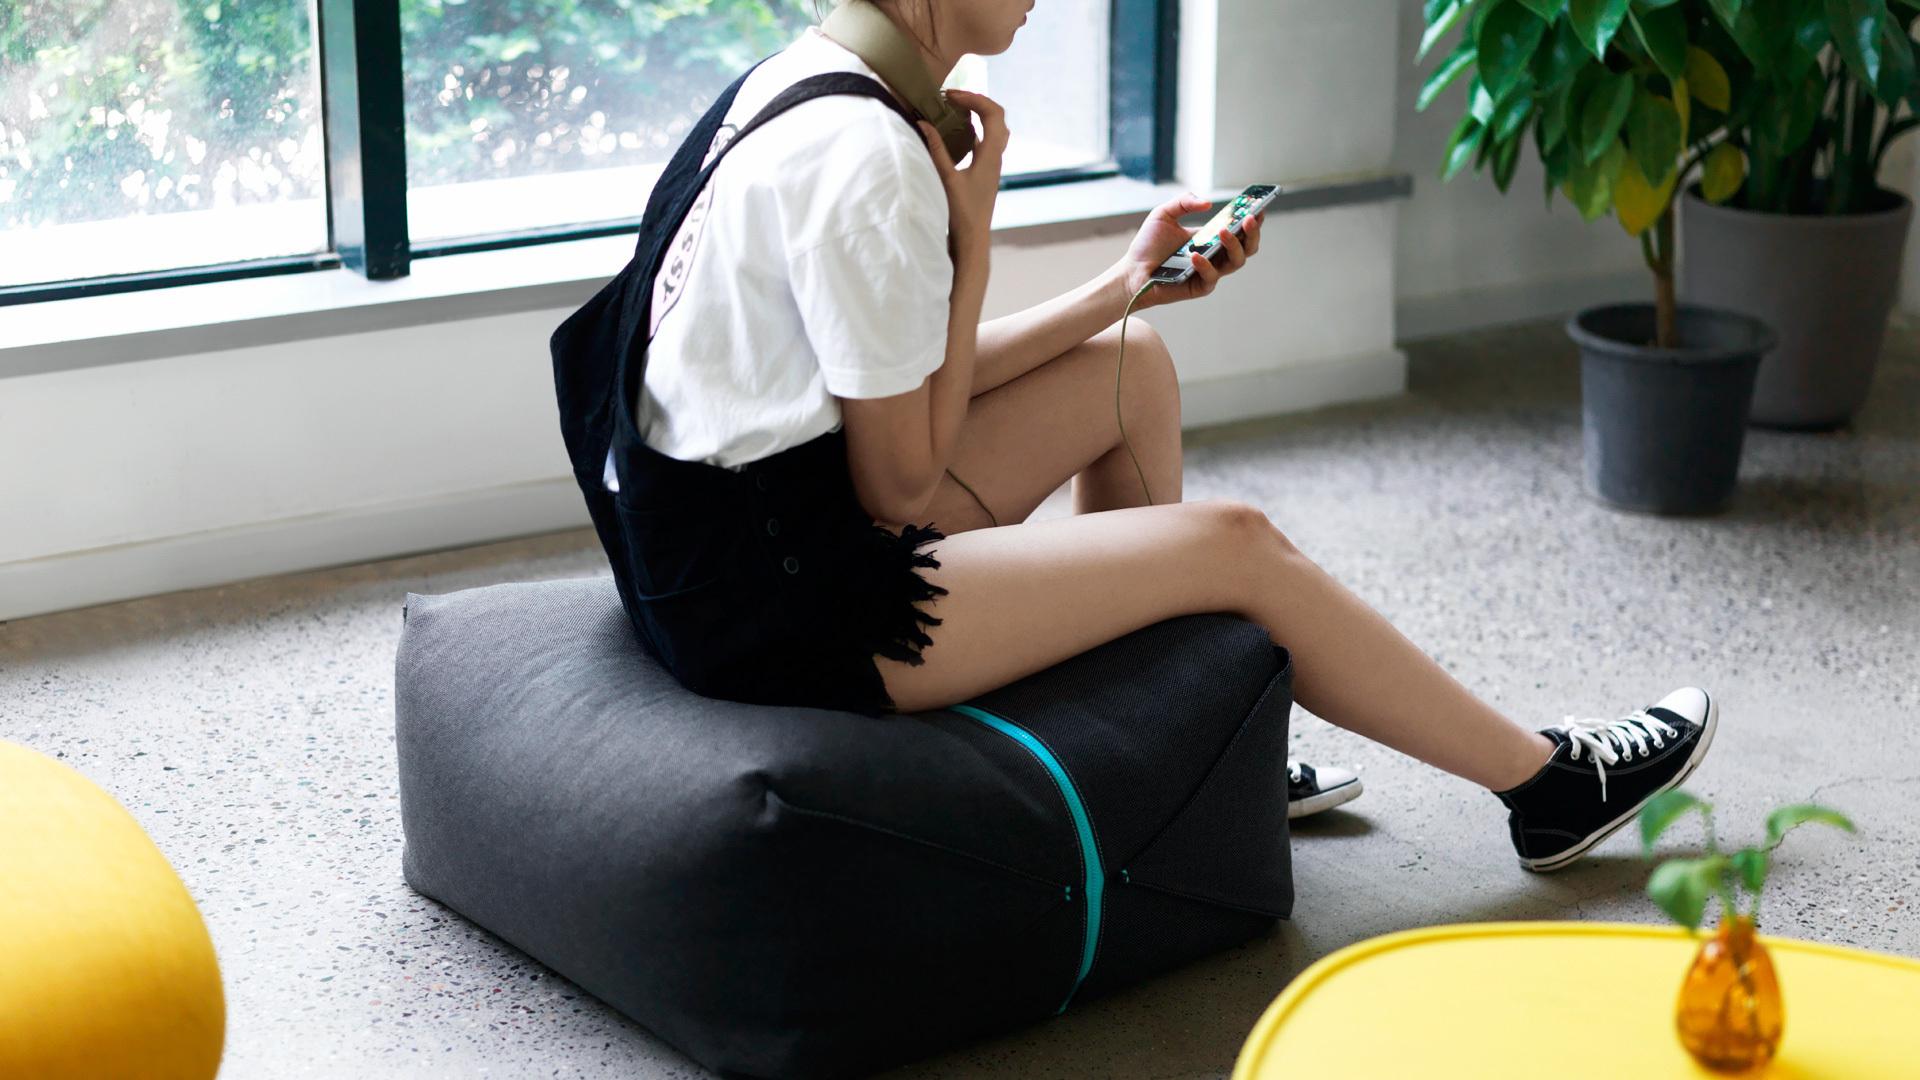 提一个坐墩,任意放在窗边角落,享受阳光微醺,或读书,或听一曲音乐,让阳光不再错过。